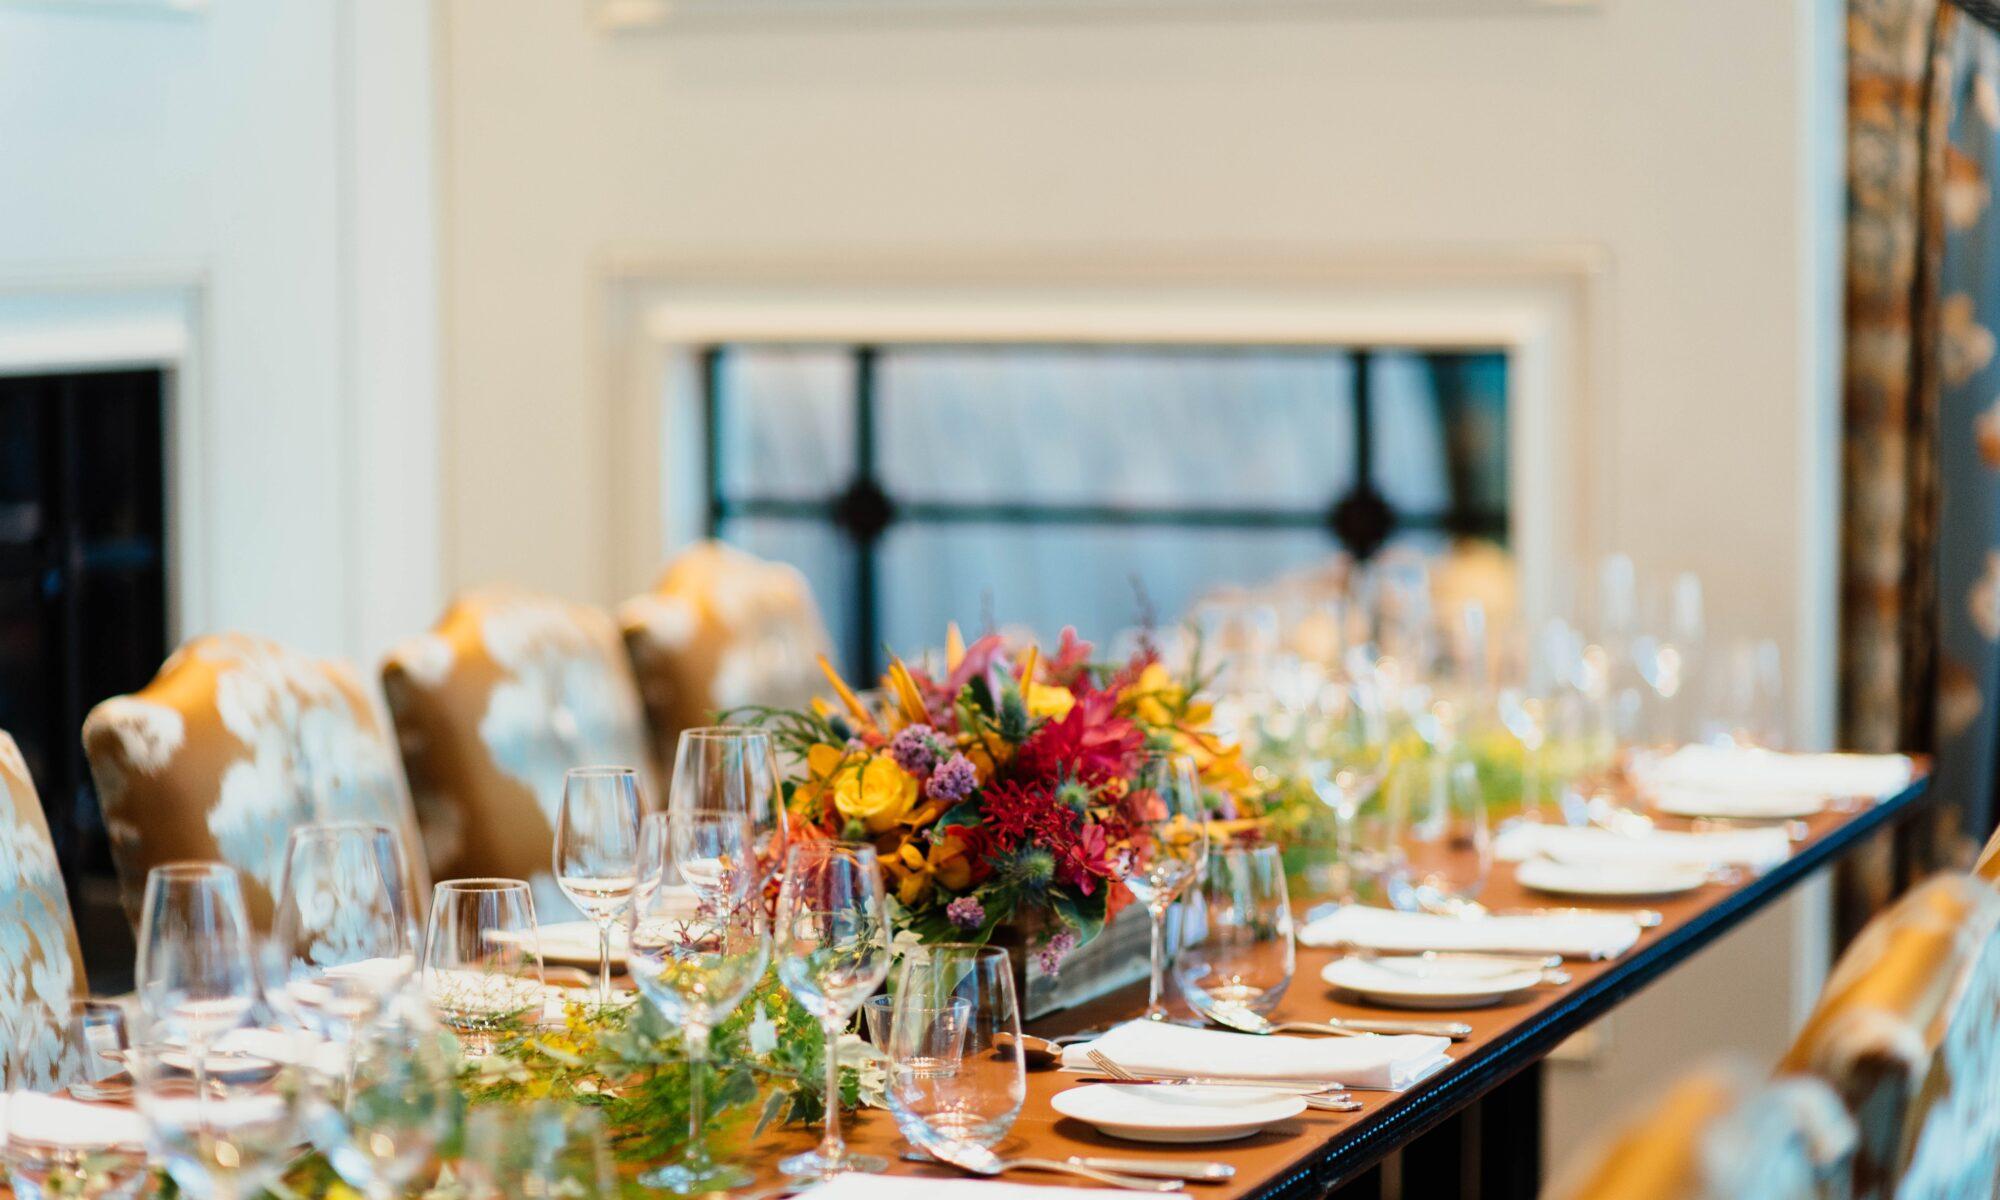 Comment organiser un buffet froid pour 30 personnes